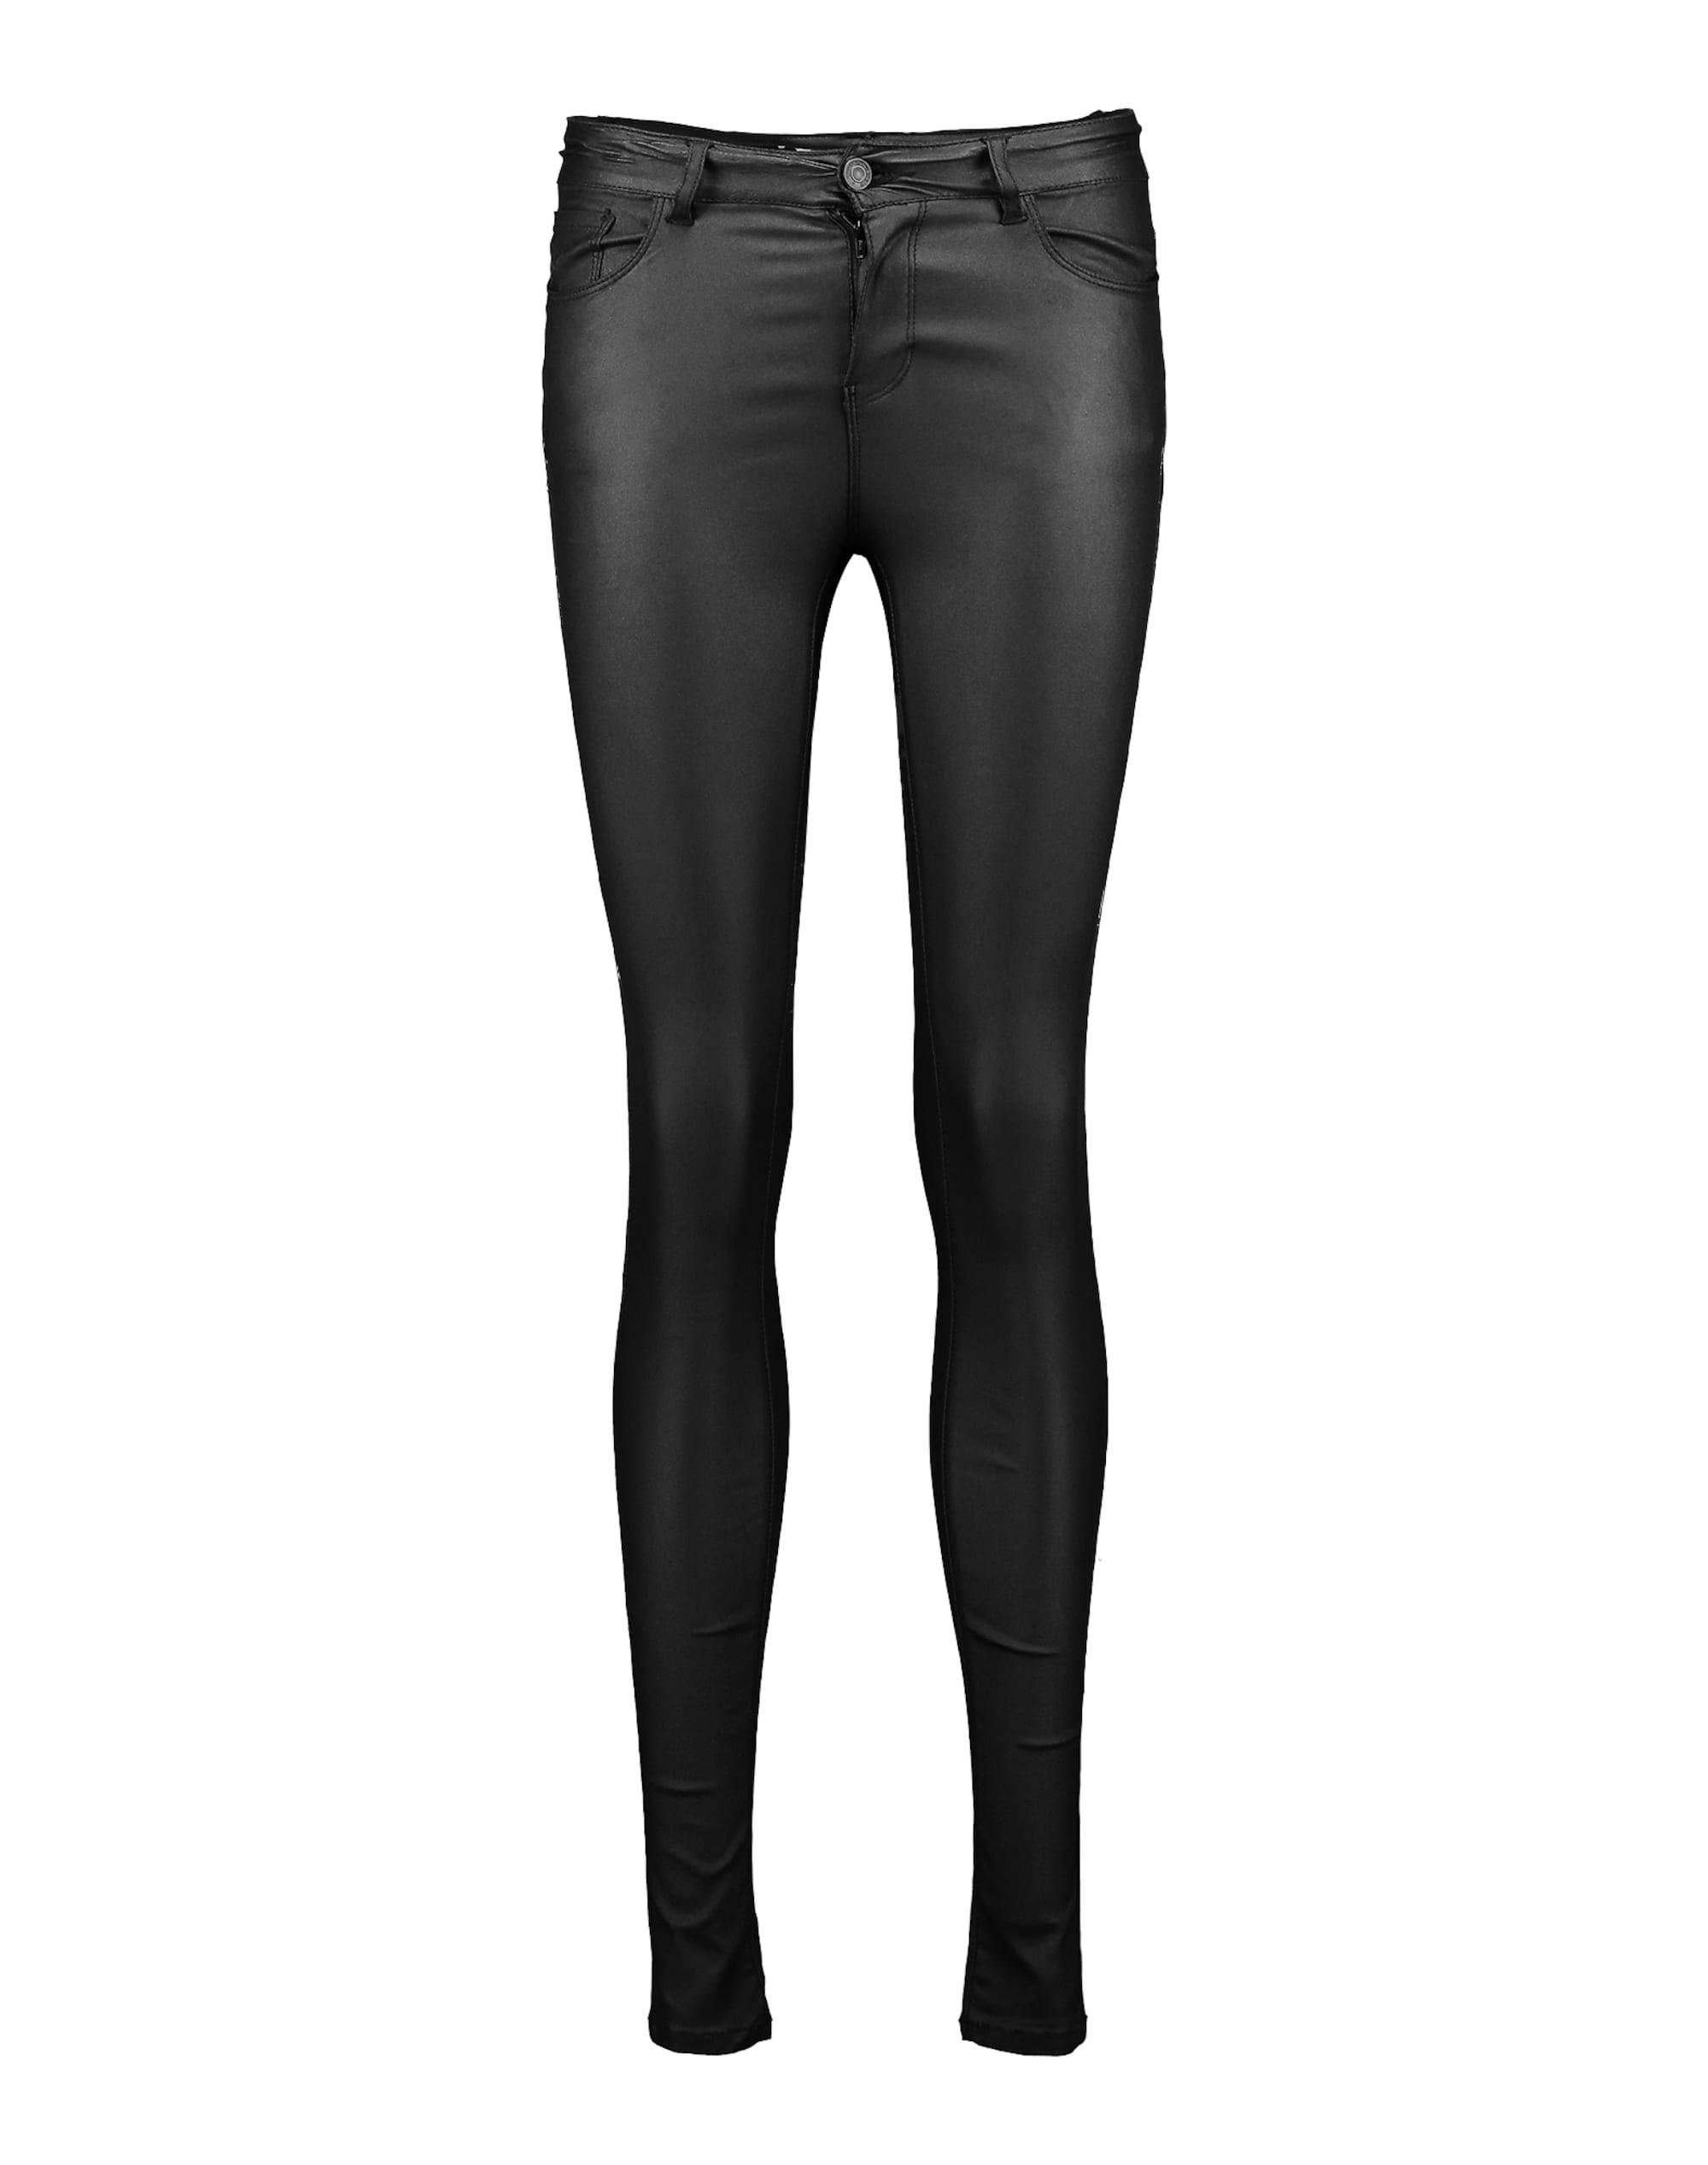 Image of Enge Jeans in Lederoptik ´VMSEVEN NW S.SLIM SMOOTH´